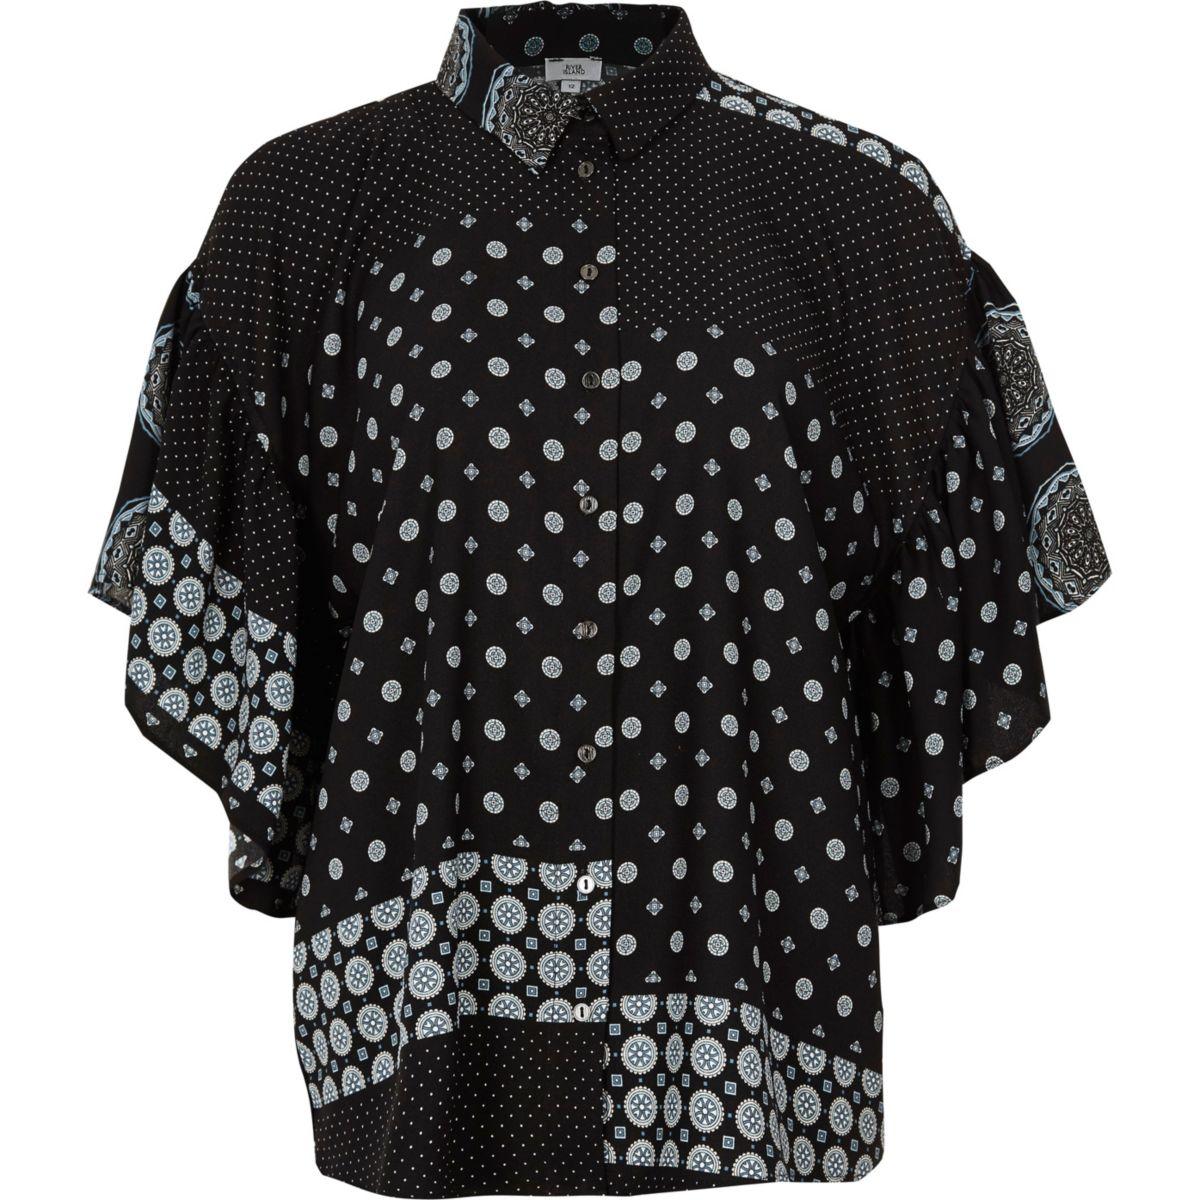 Black mix tile print frill blouse